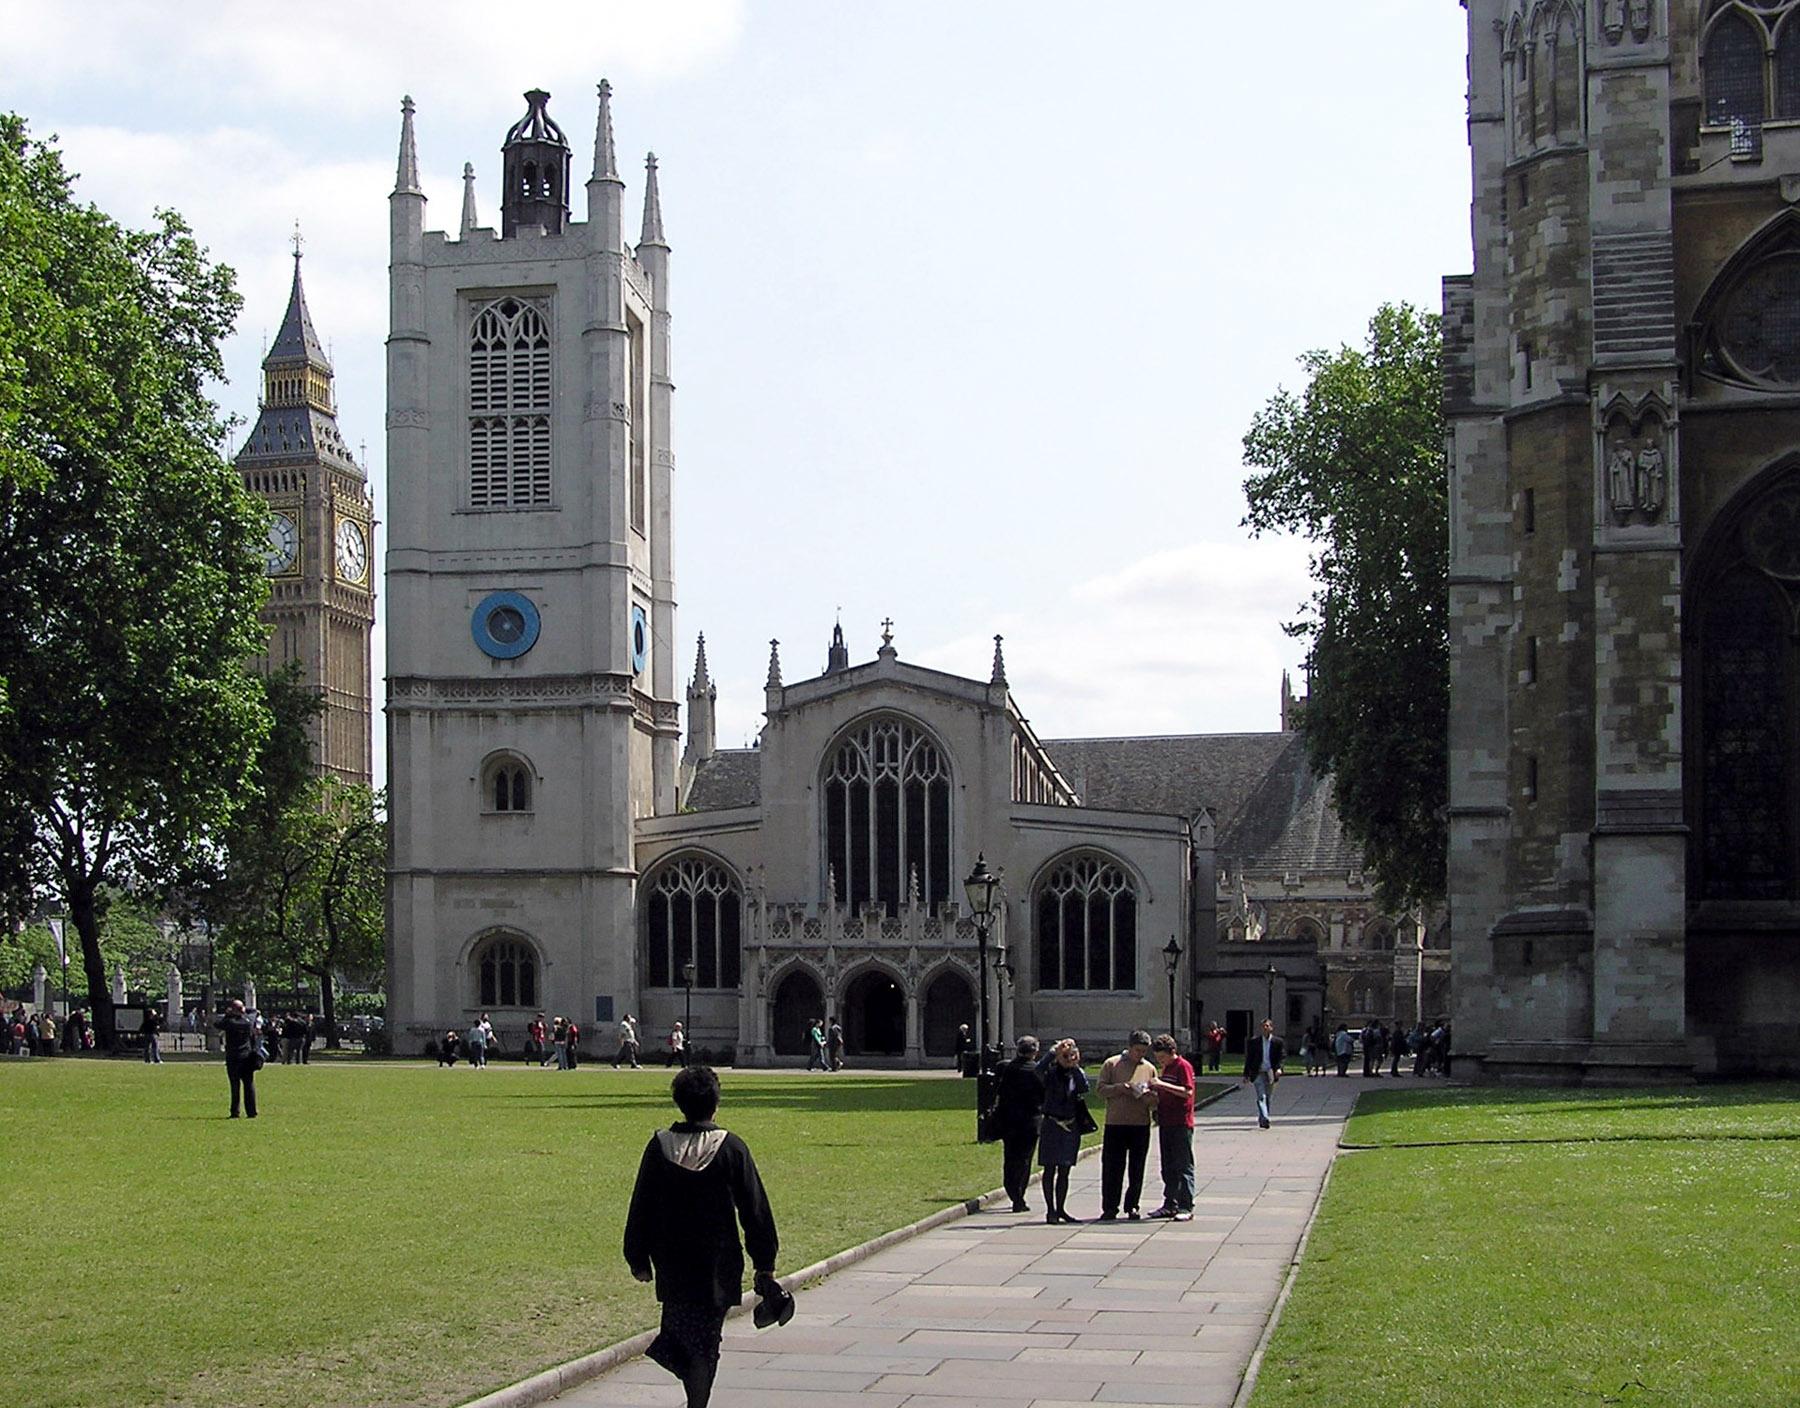 英国の偉大な遺産!イギリスにある世界遺産30ヶ所まとめ イギリス世界遺産